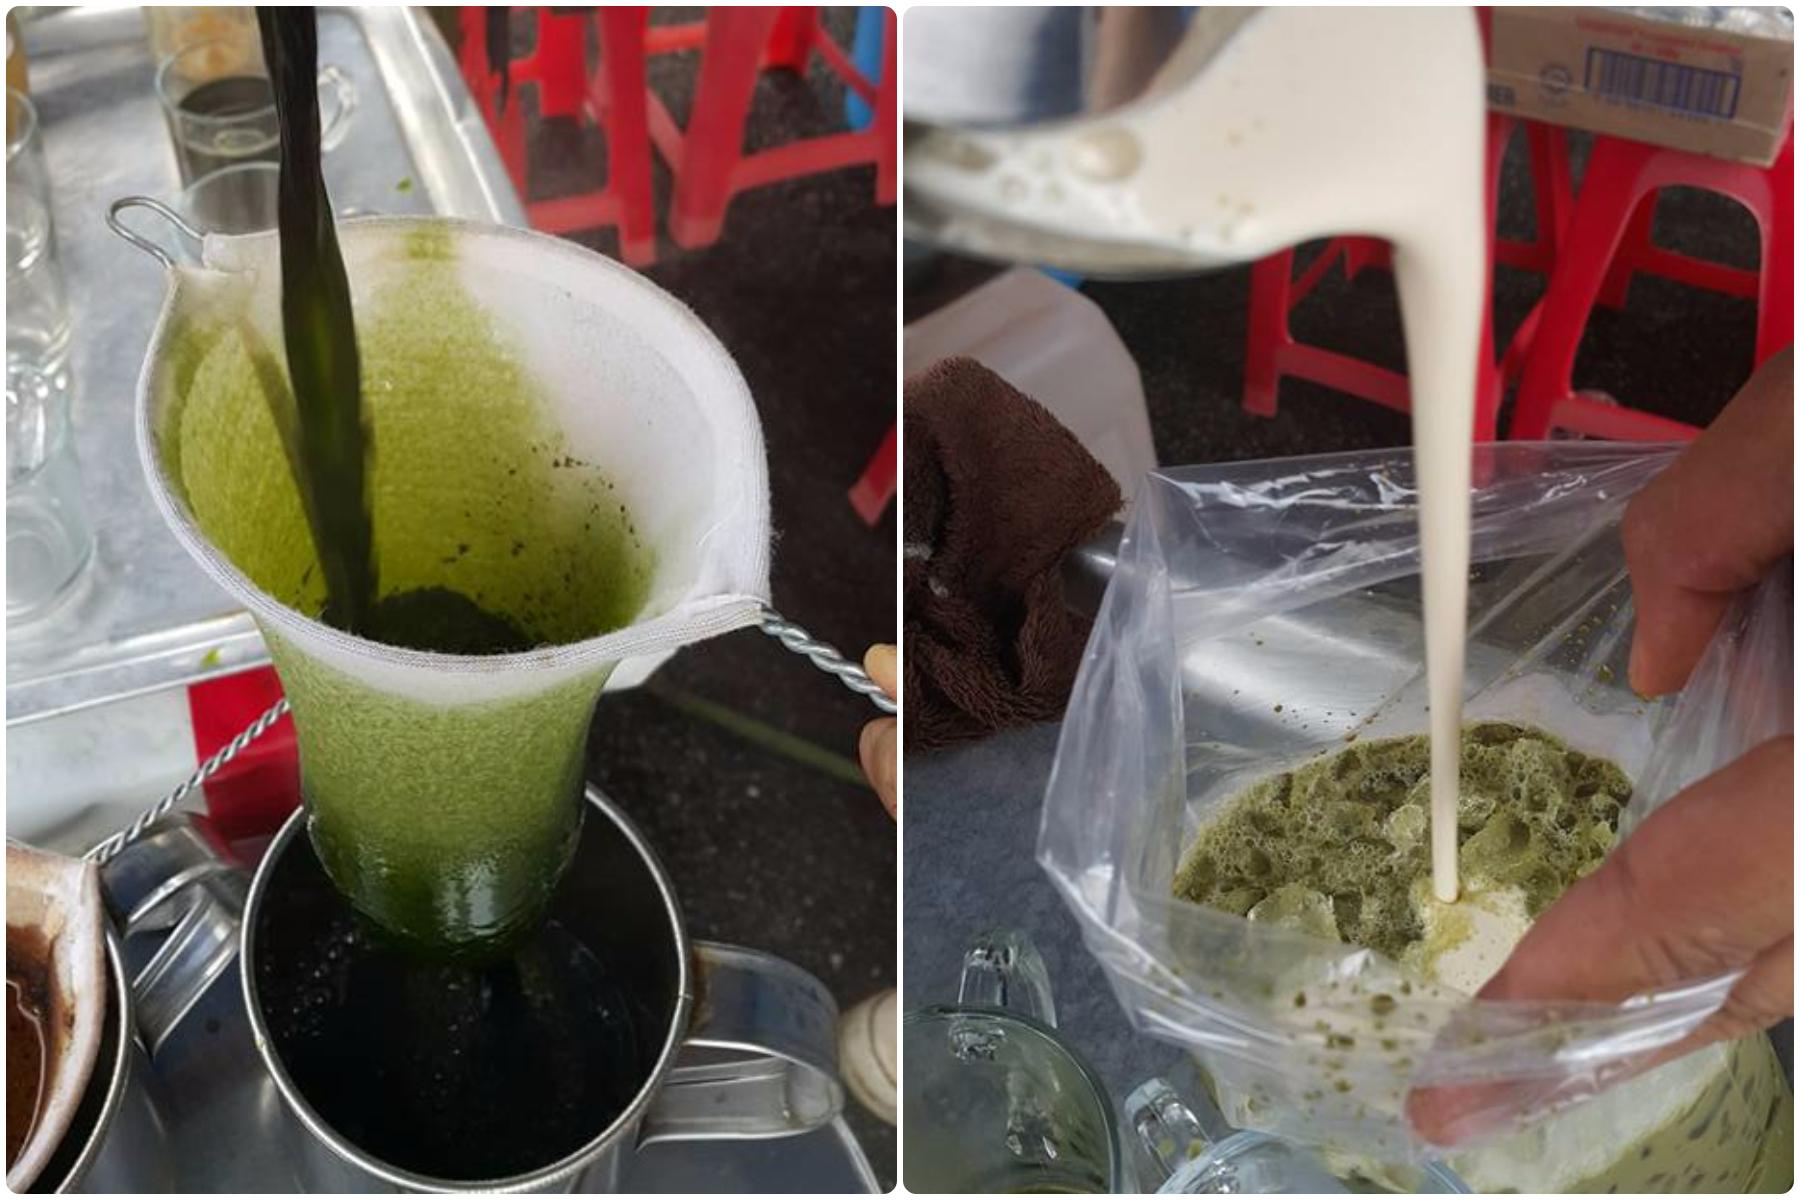 绿茶加巧克力加奶泡的香浓滋味,让人一喝难忘。-M中文网摄-